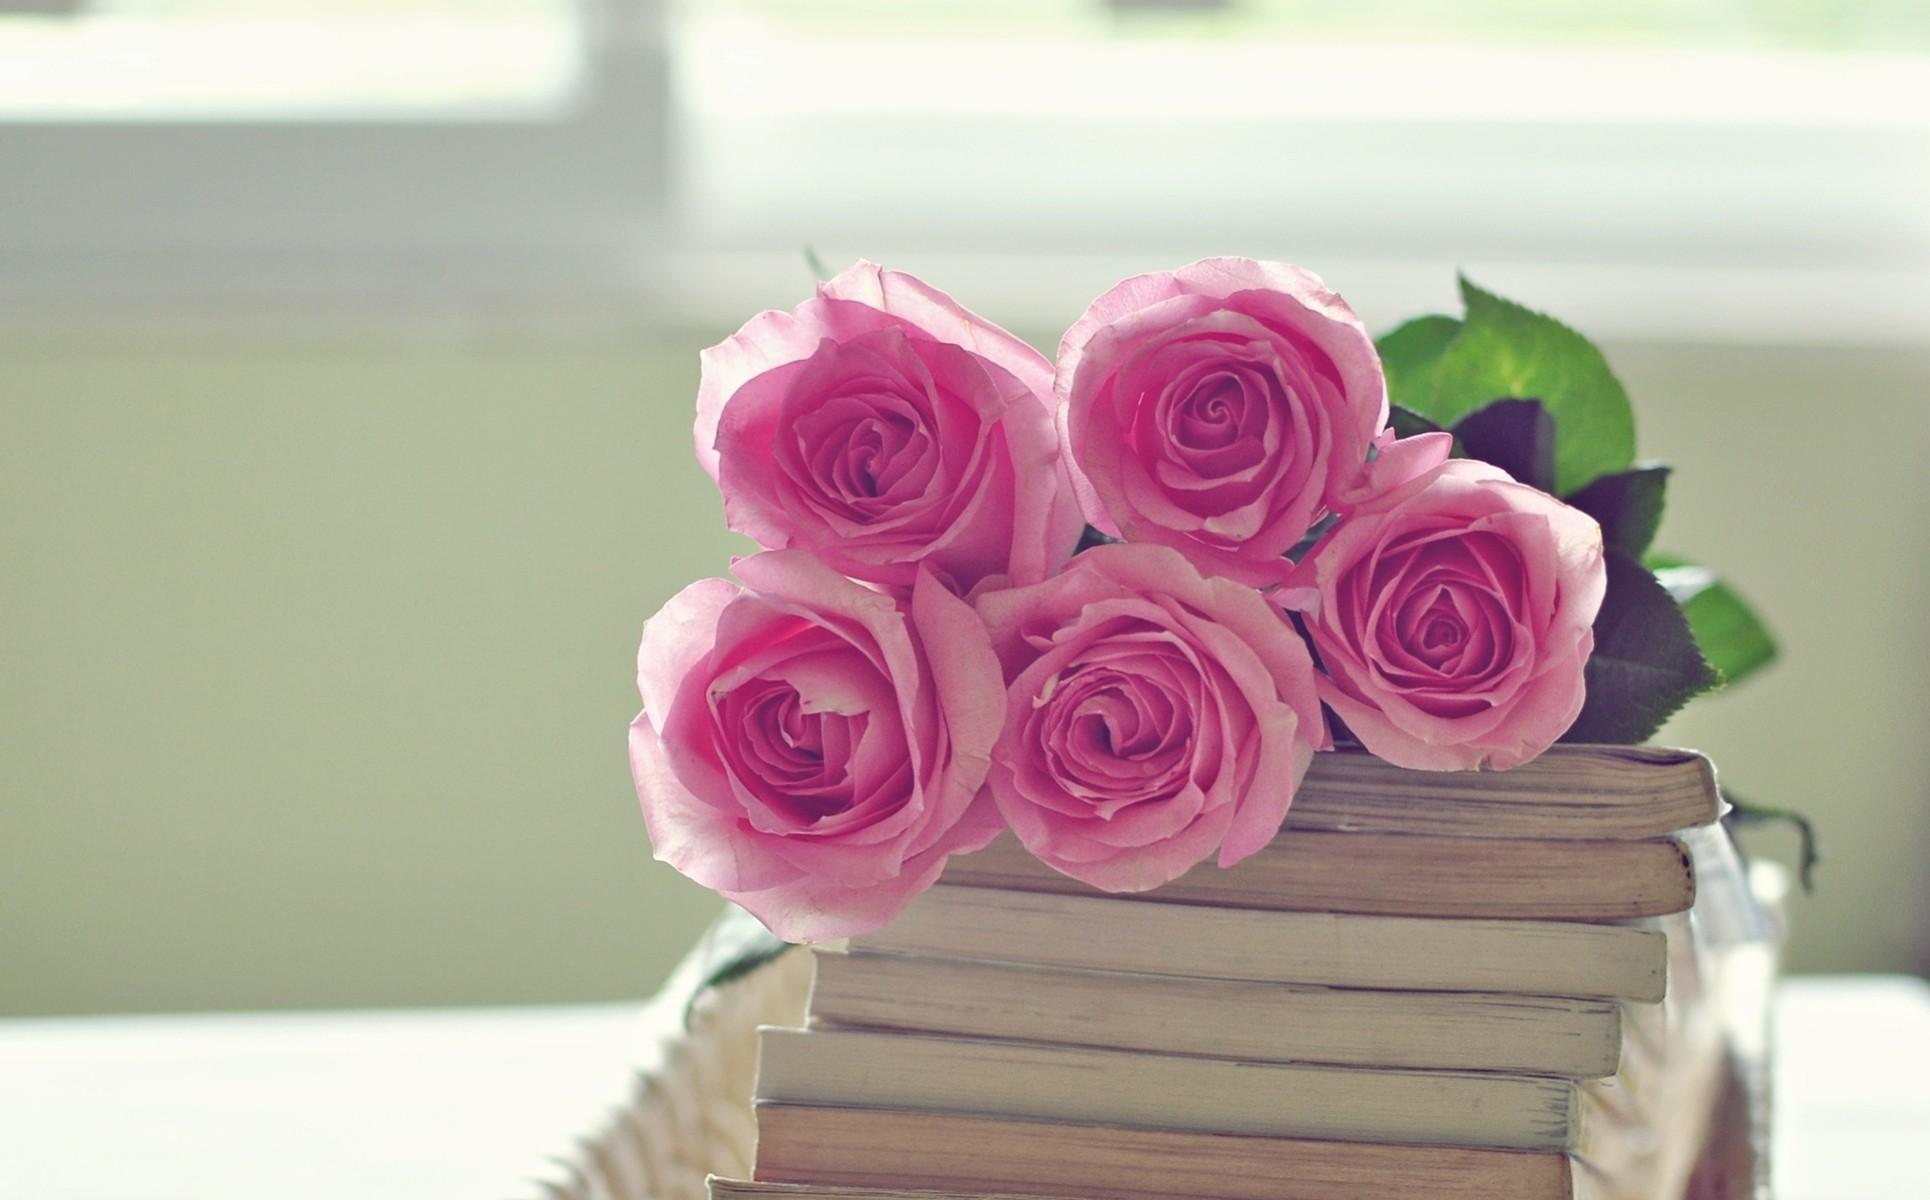 Книги и цветы открытки, крассивые